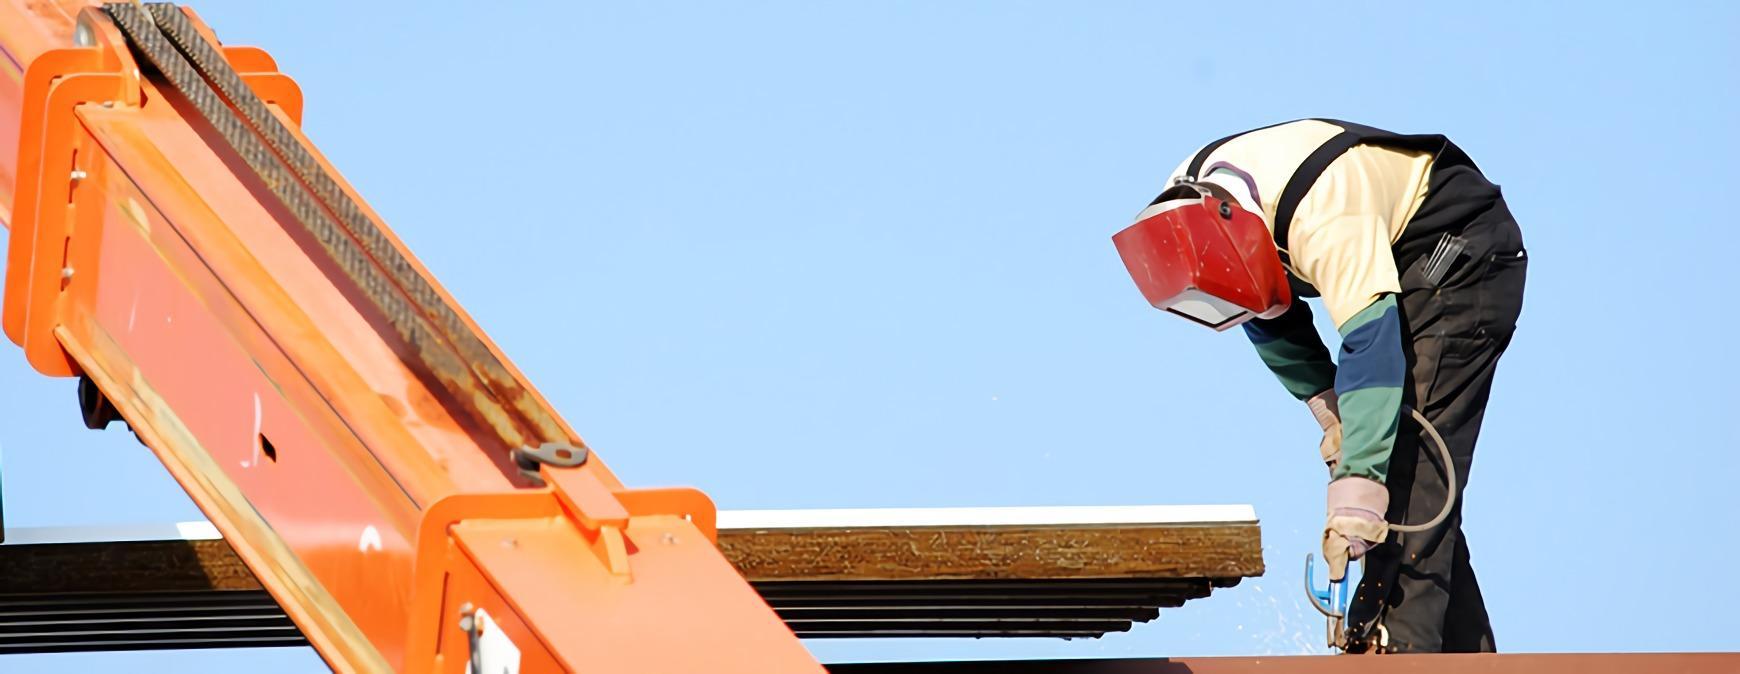 welder working in construction